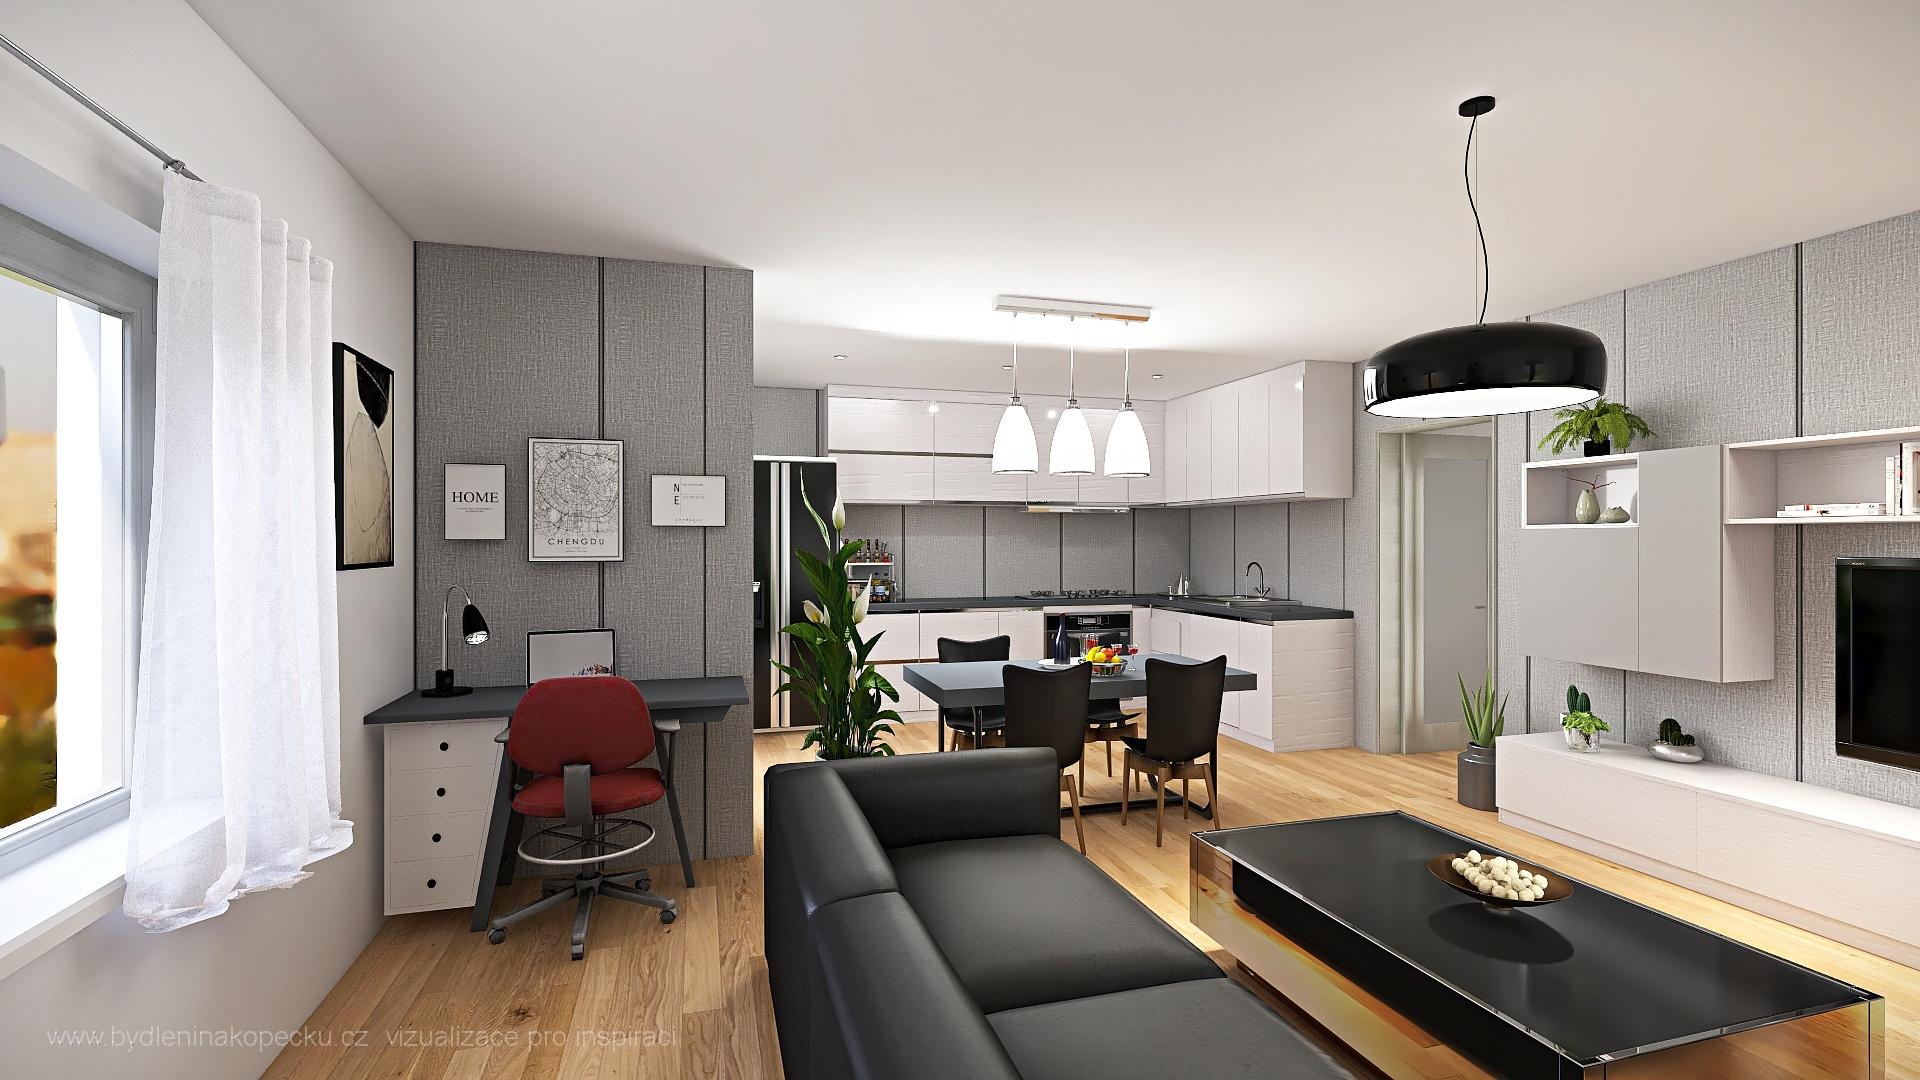 Nové byty v centru Liberce v projektu Bydlení Na Kopečku jsme rychle vyprodali